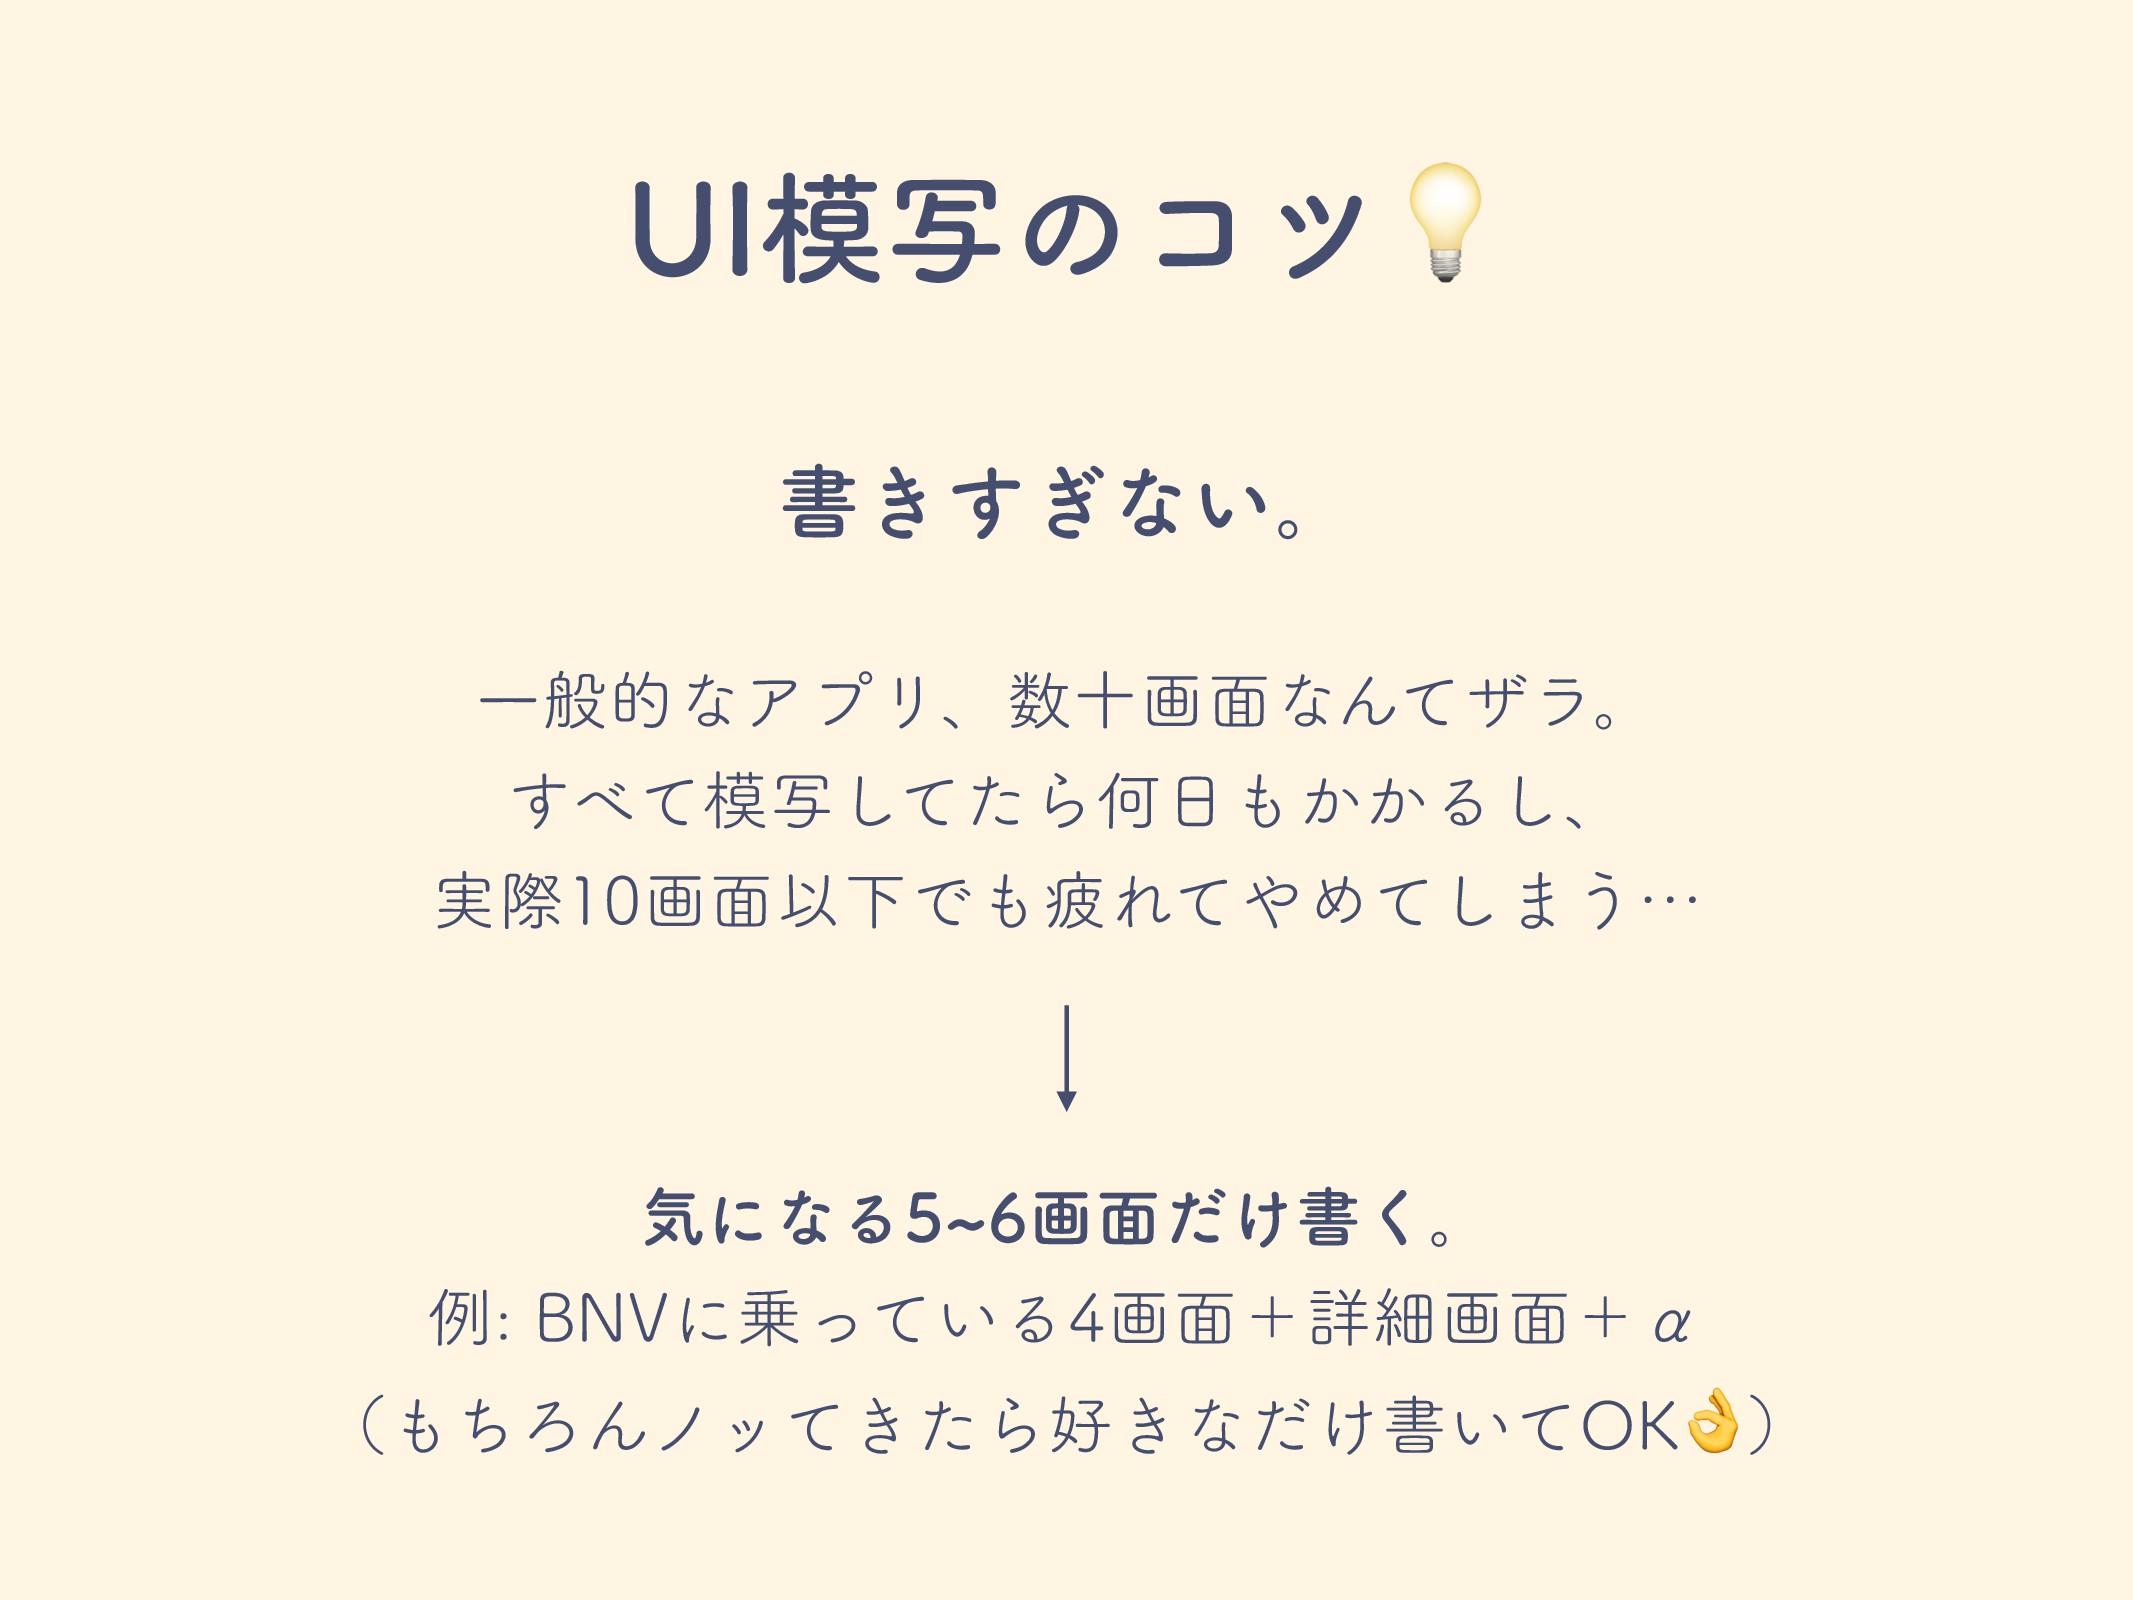 6*ࣸͷίπ ҰൠతͳΞϓϦɺेը໘ͳΜͯβϥɻ ͯࣸͯͨ͢͠ΒԿ͔͔Δ͠ɺ ...